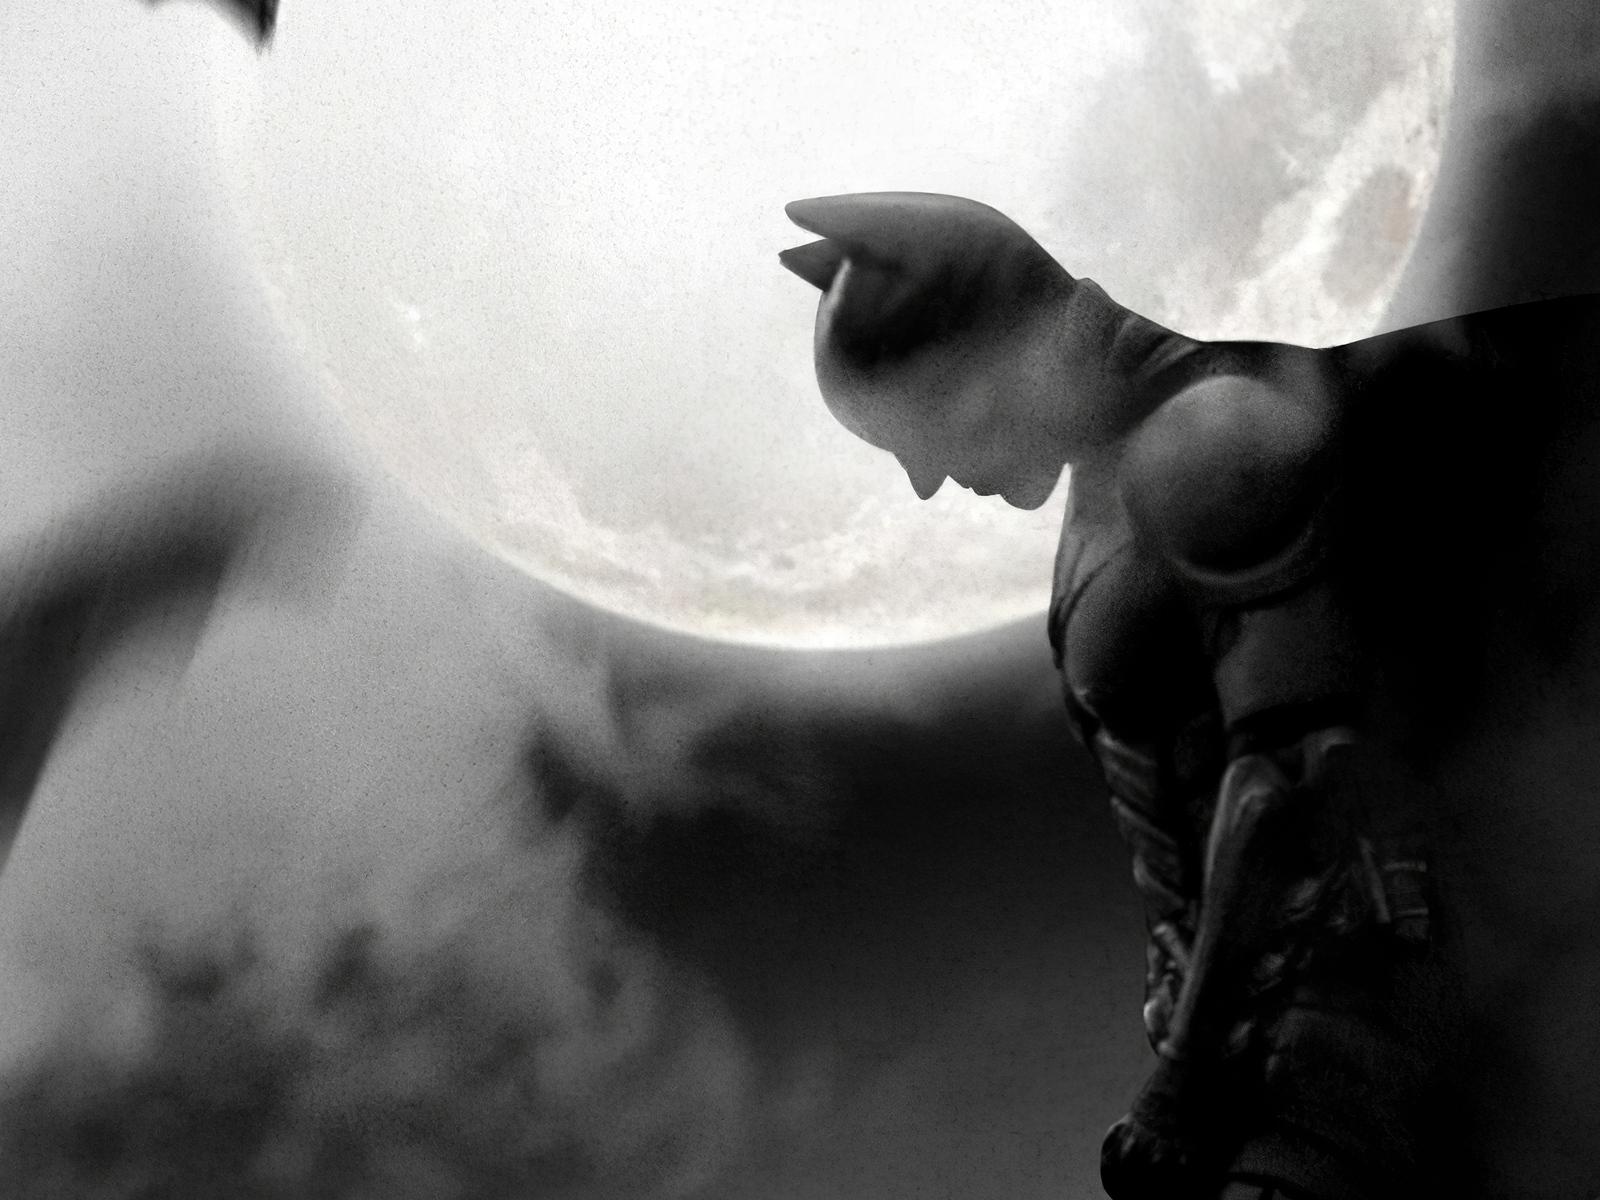 batman-black-knight-0t.jpg